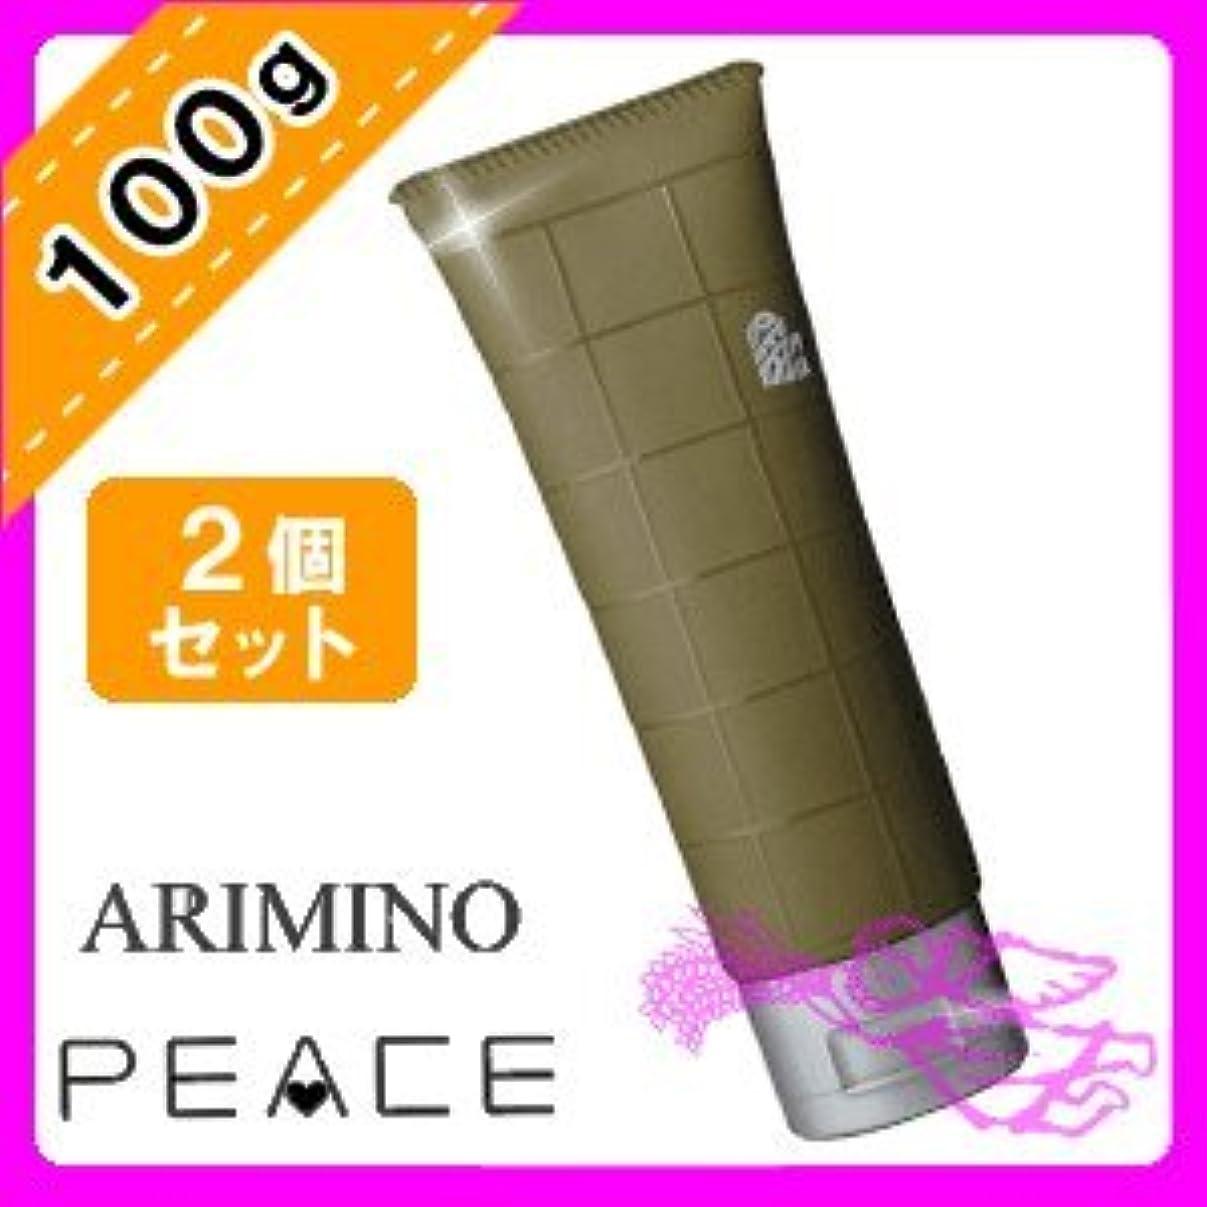 拷問ブルゴーニュ敵対的アリミノ ピース ウェットオイル ワックス 100g ×2個セット arimino PEACE